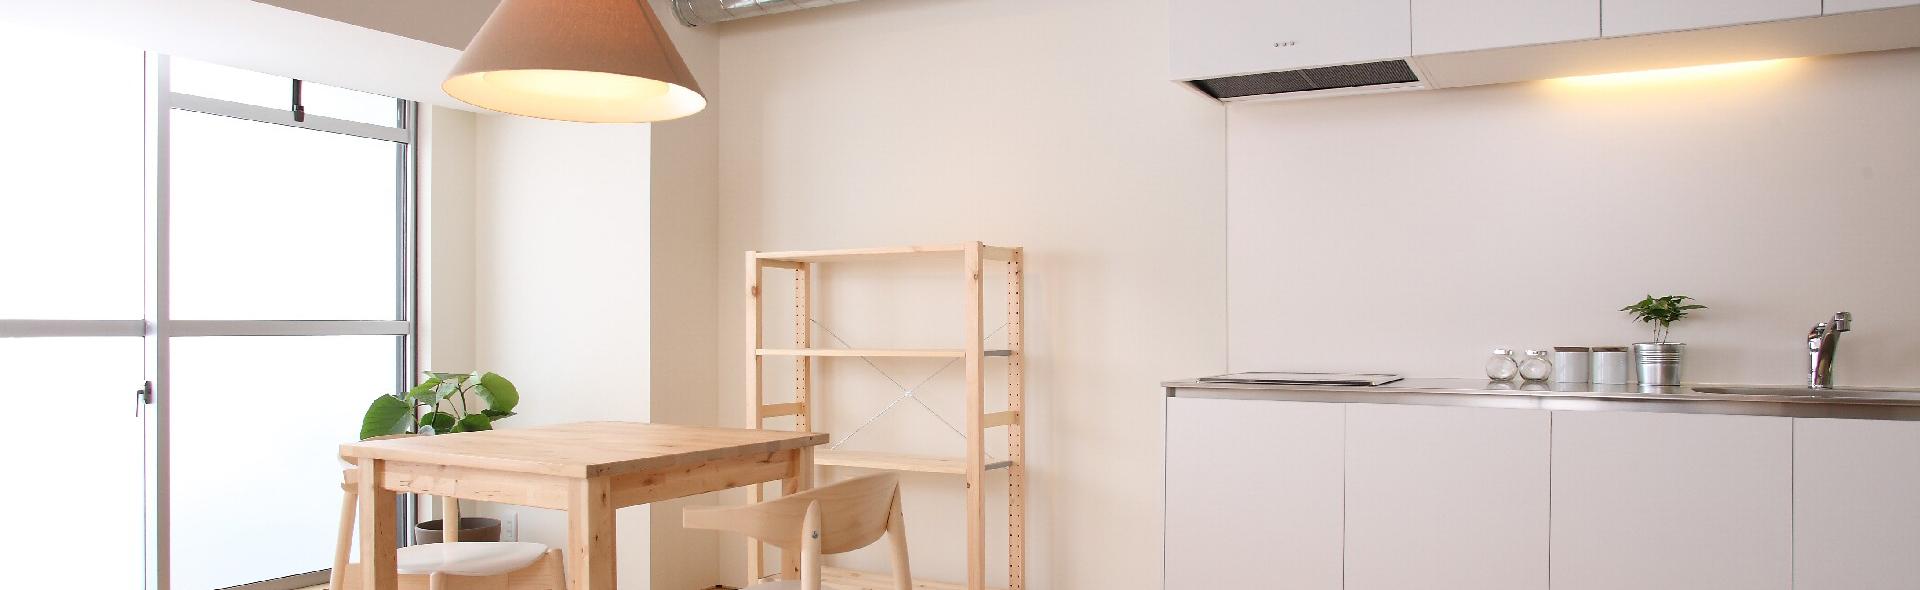 kitchen_syo